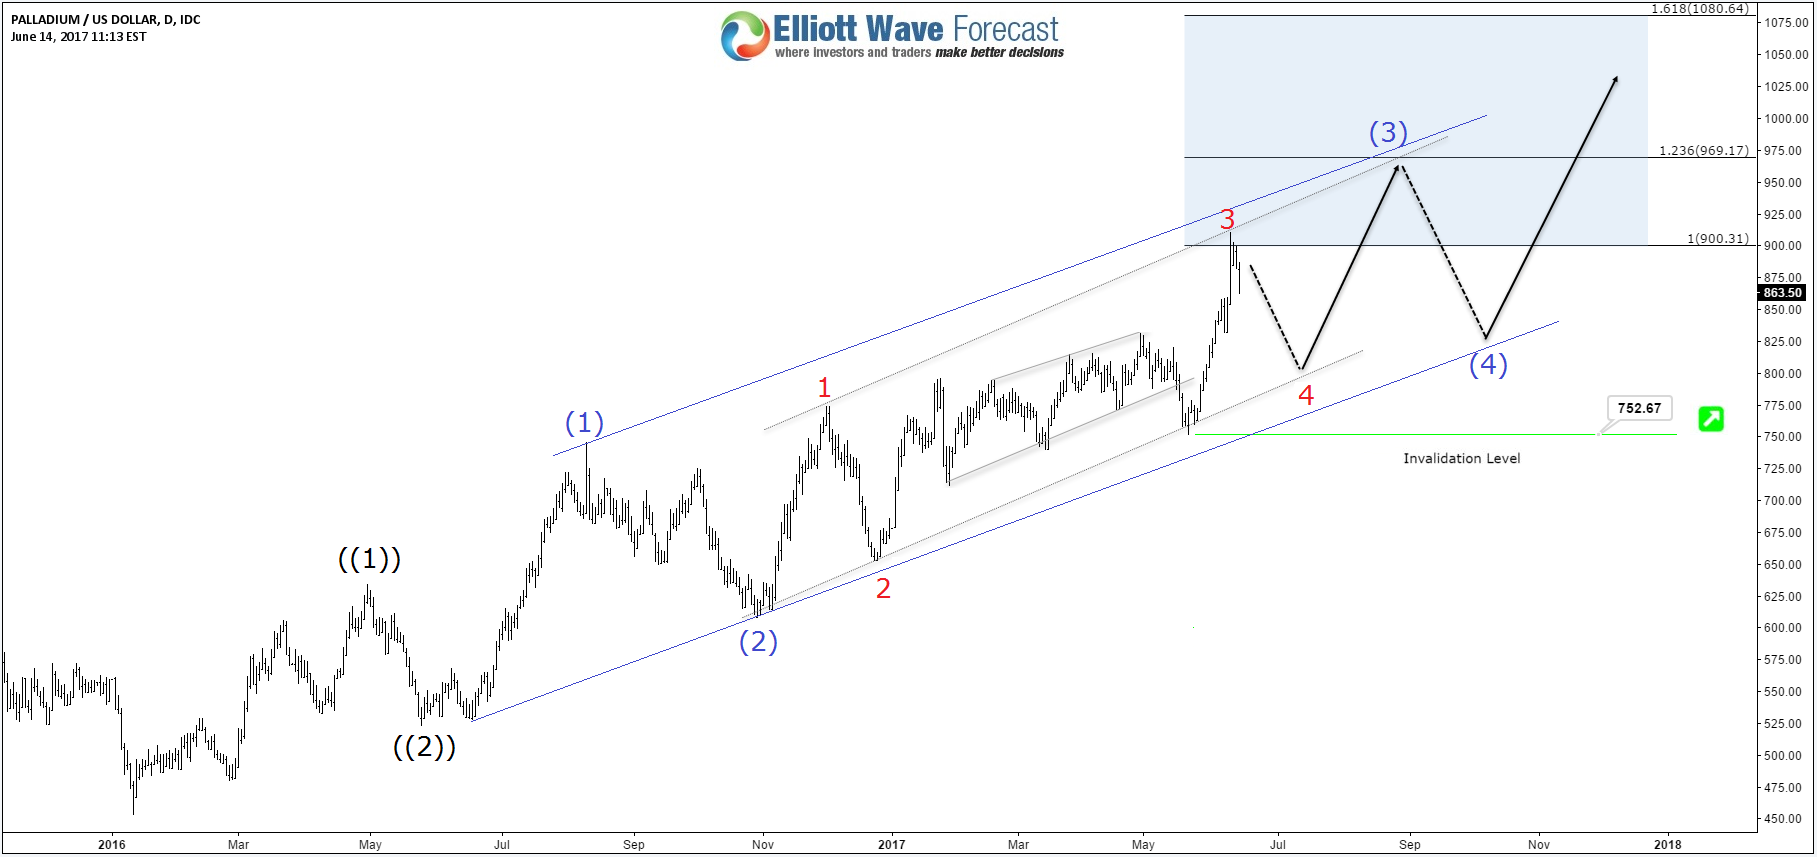 Palladium XPDUSD Elliott Wave Impulse